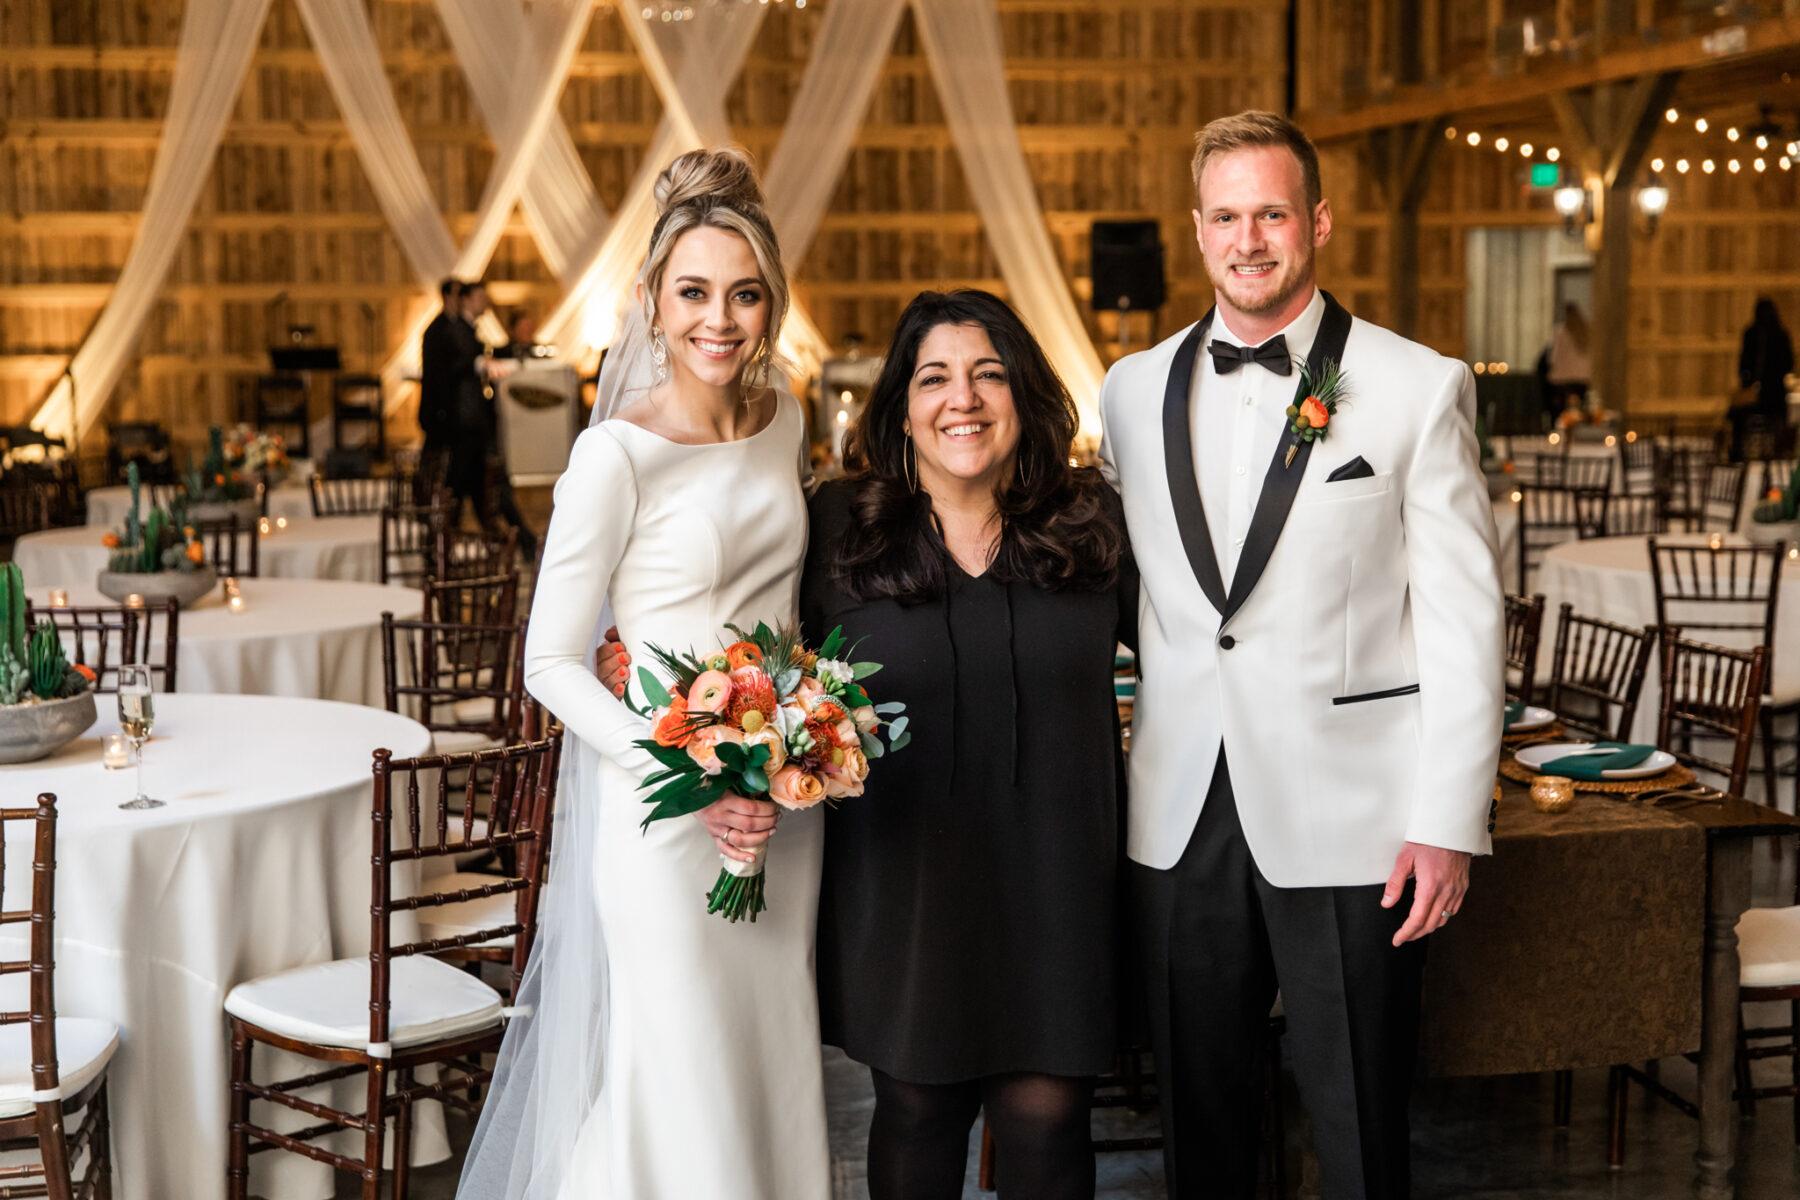 Desert Wedding Ideas featured on Nashville Bride Guide